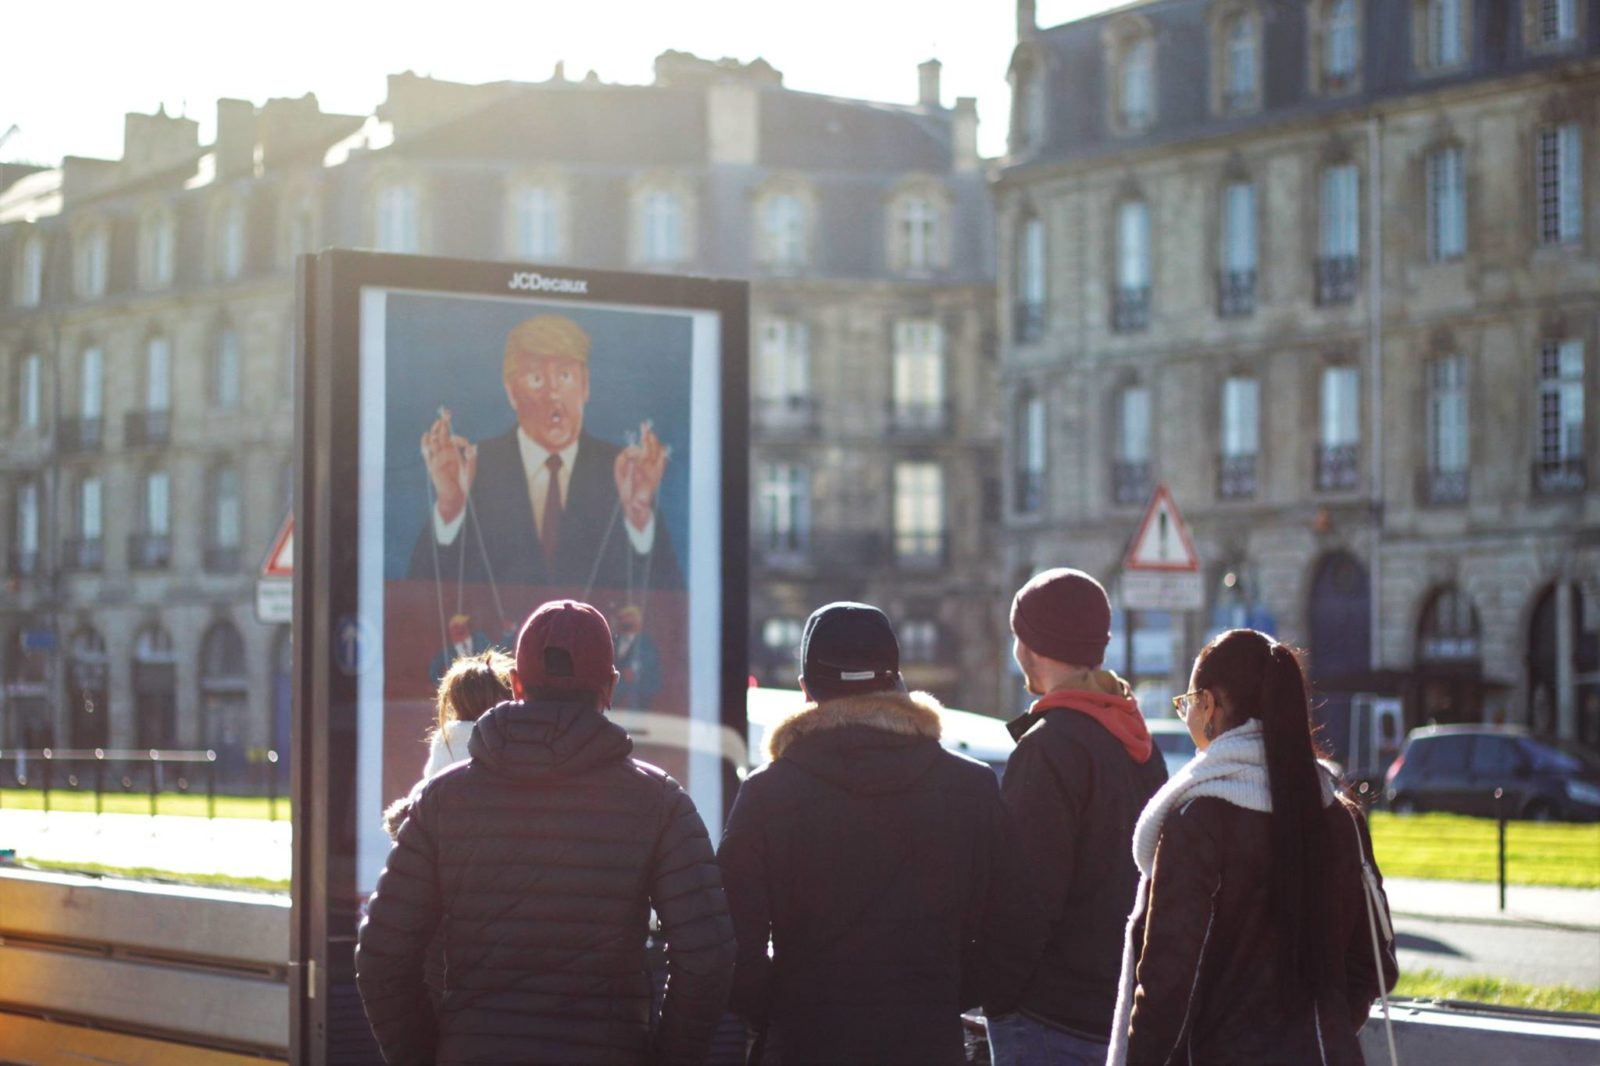 oboem JCdecaux bordeaux affichage pub art trump - Coup de pouce RADAR x Ulule : Ôboem veut transformer l'affichage publicitaire en galerie d'art